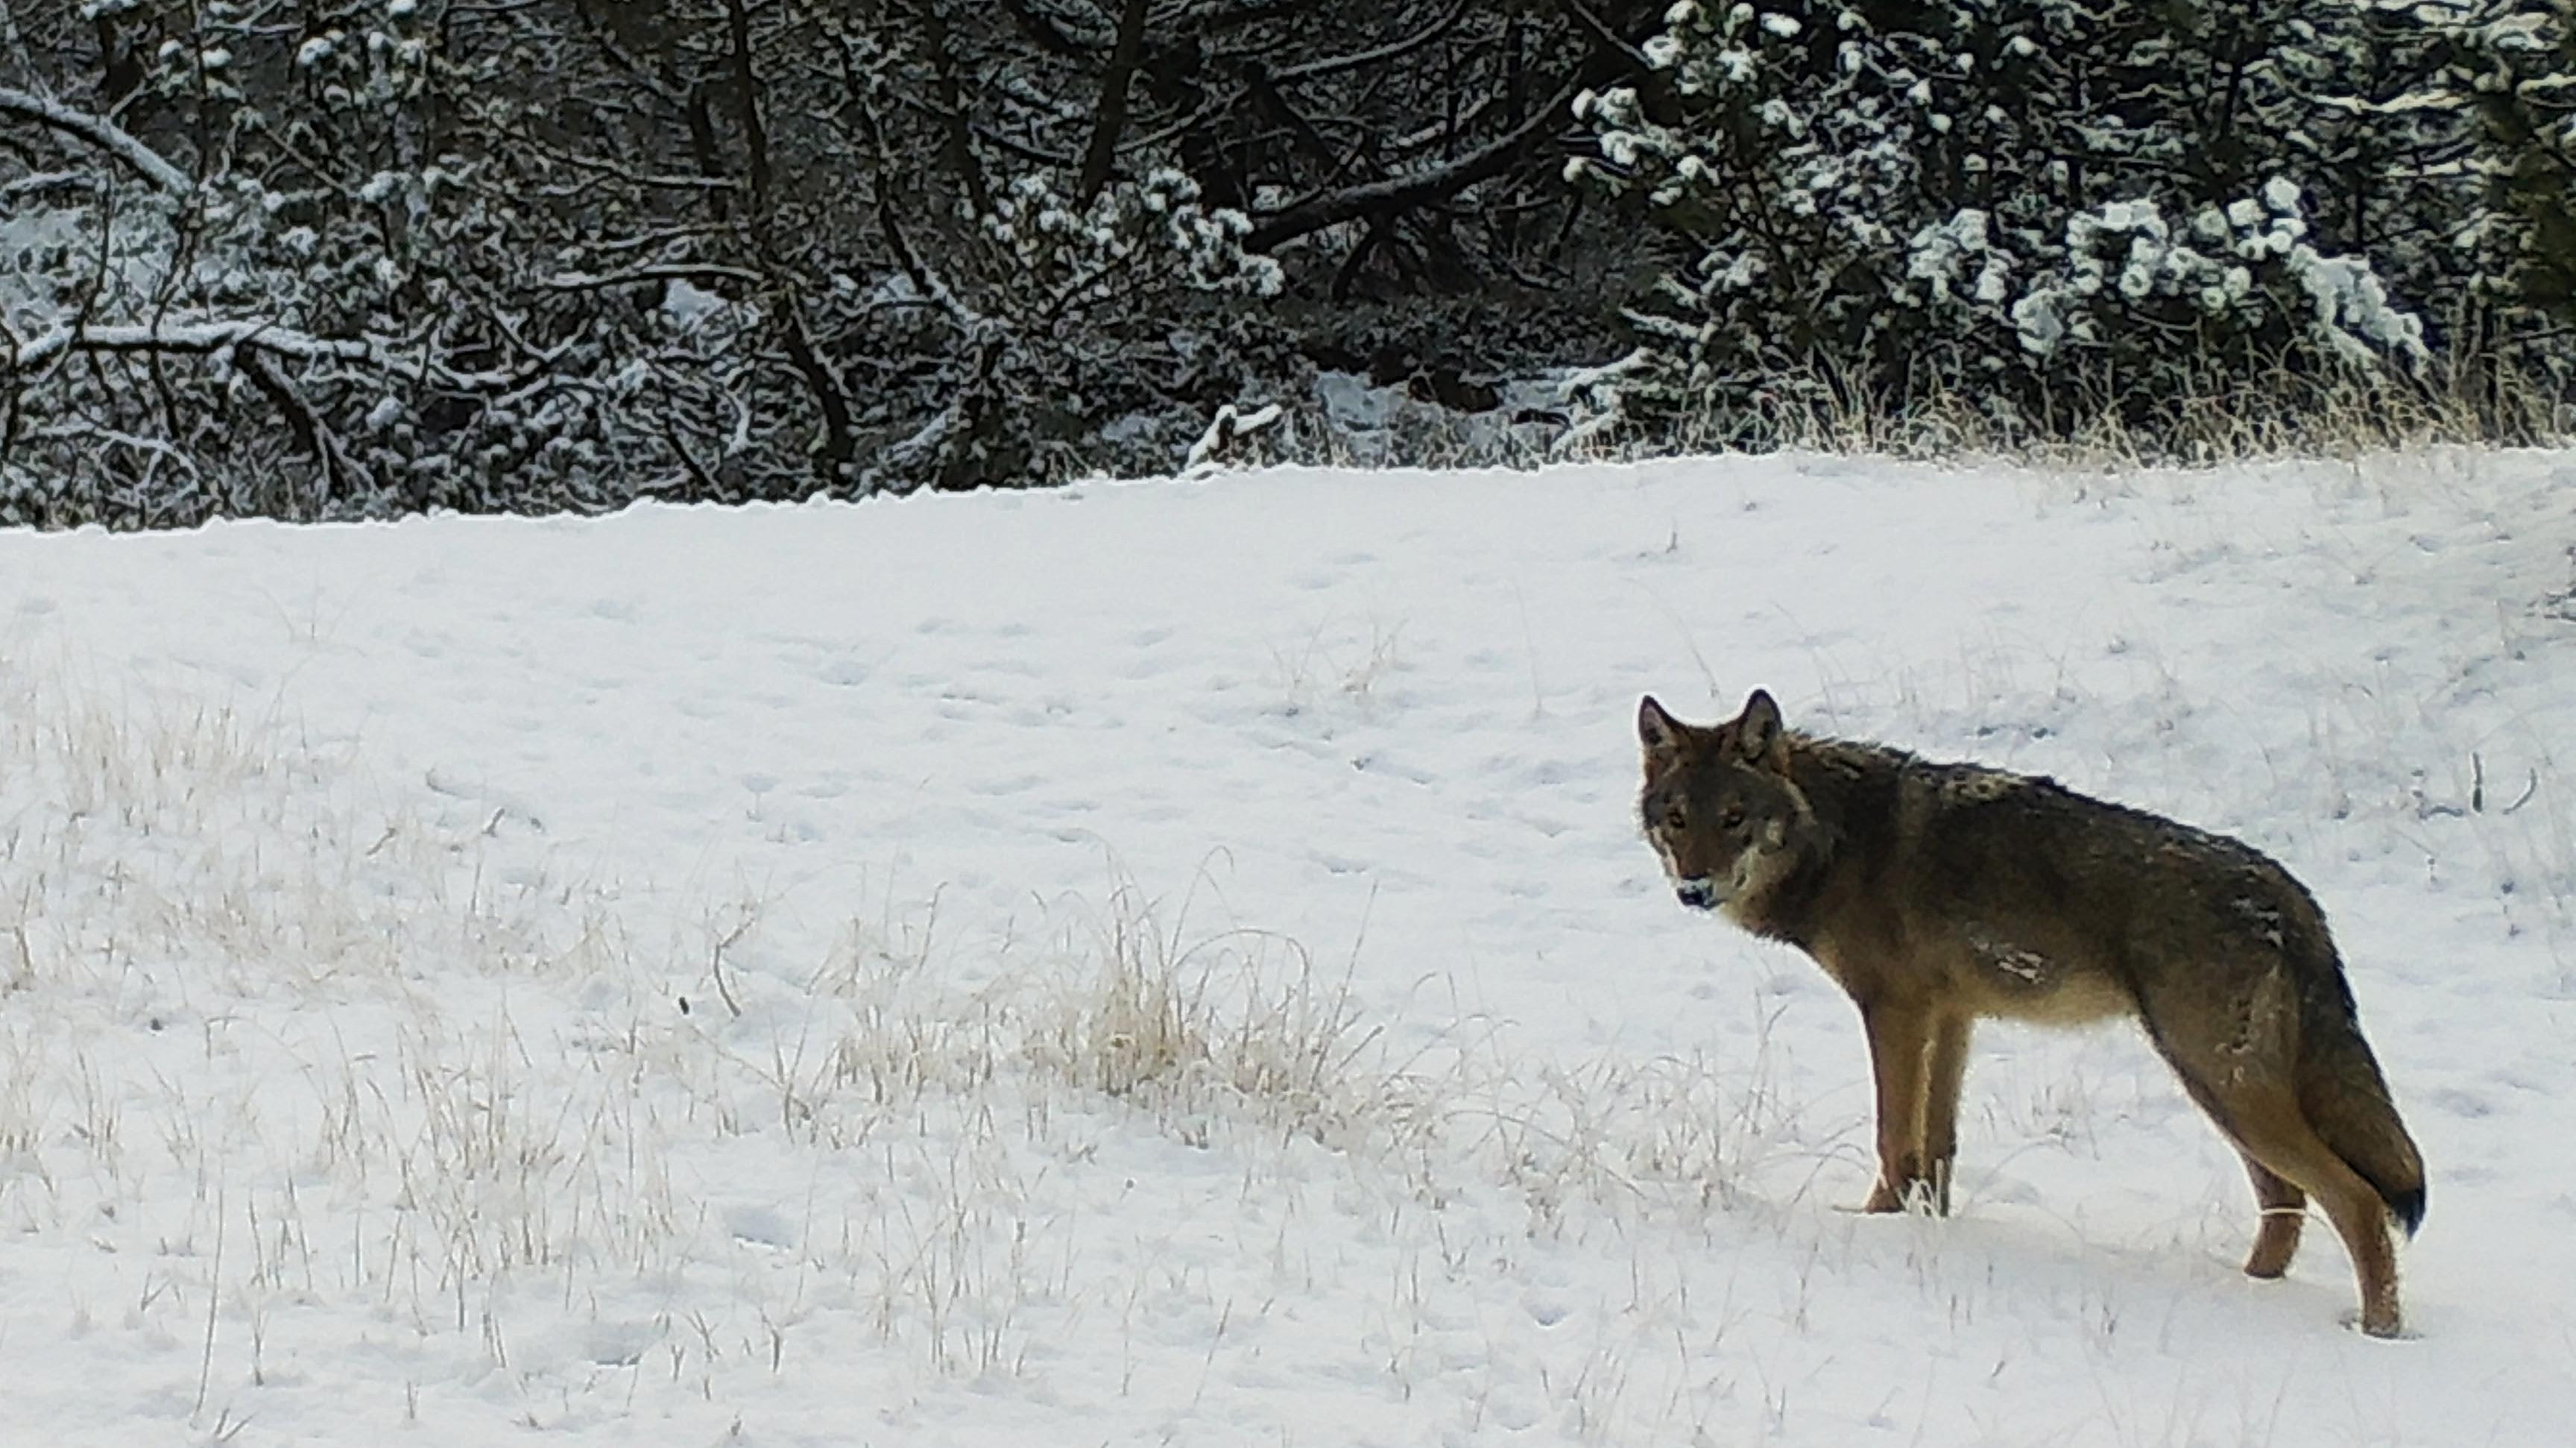 ulv december